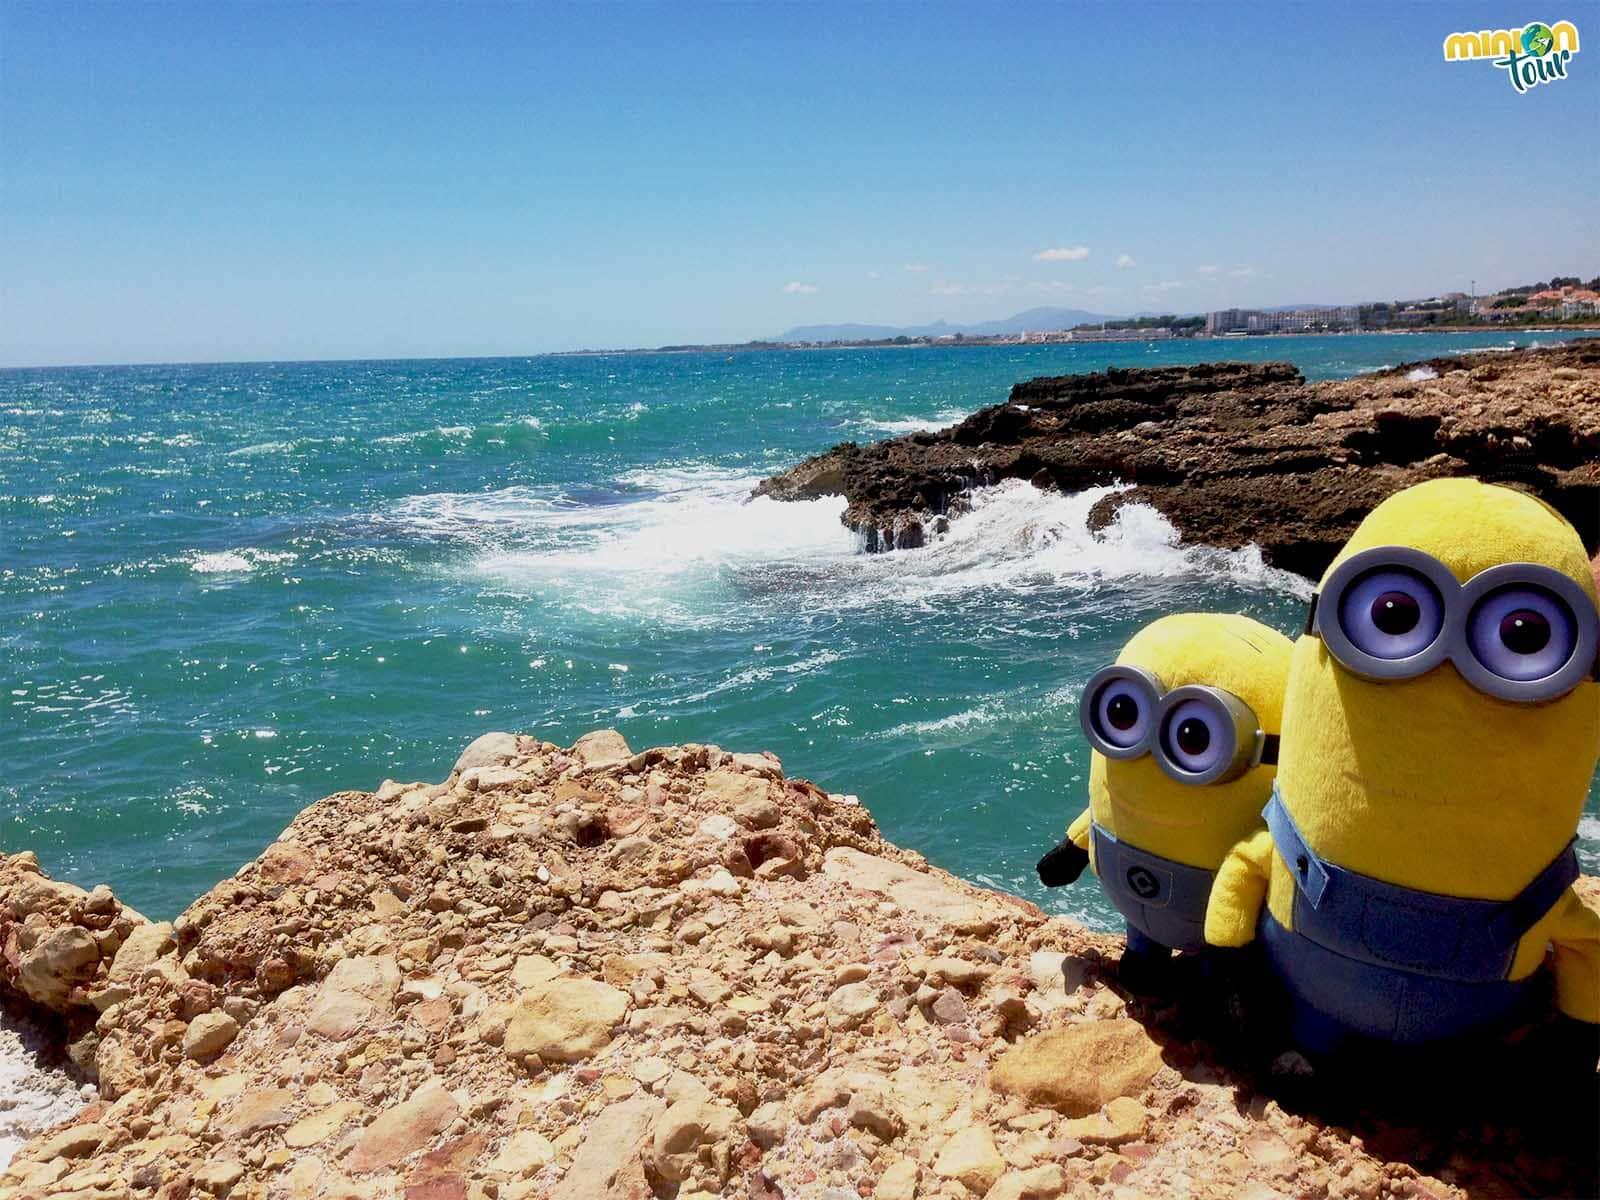 En nuestra búsqueda de una playa desierta una de las que más nos gustó fue Cala Mundina